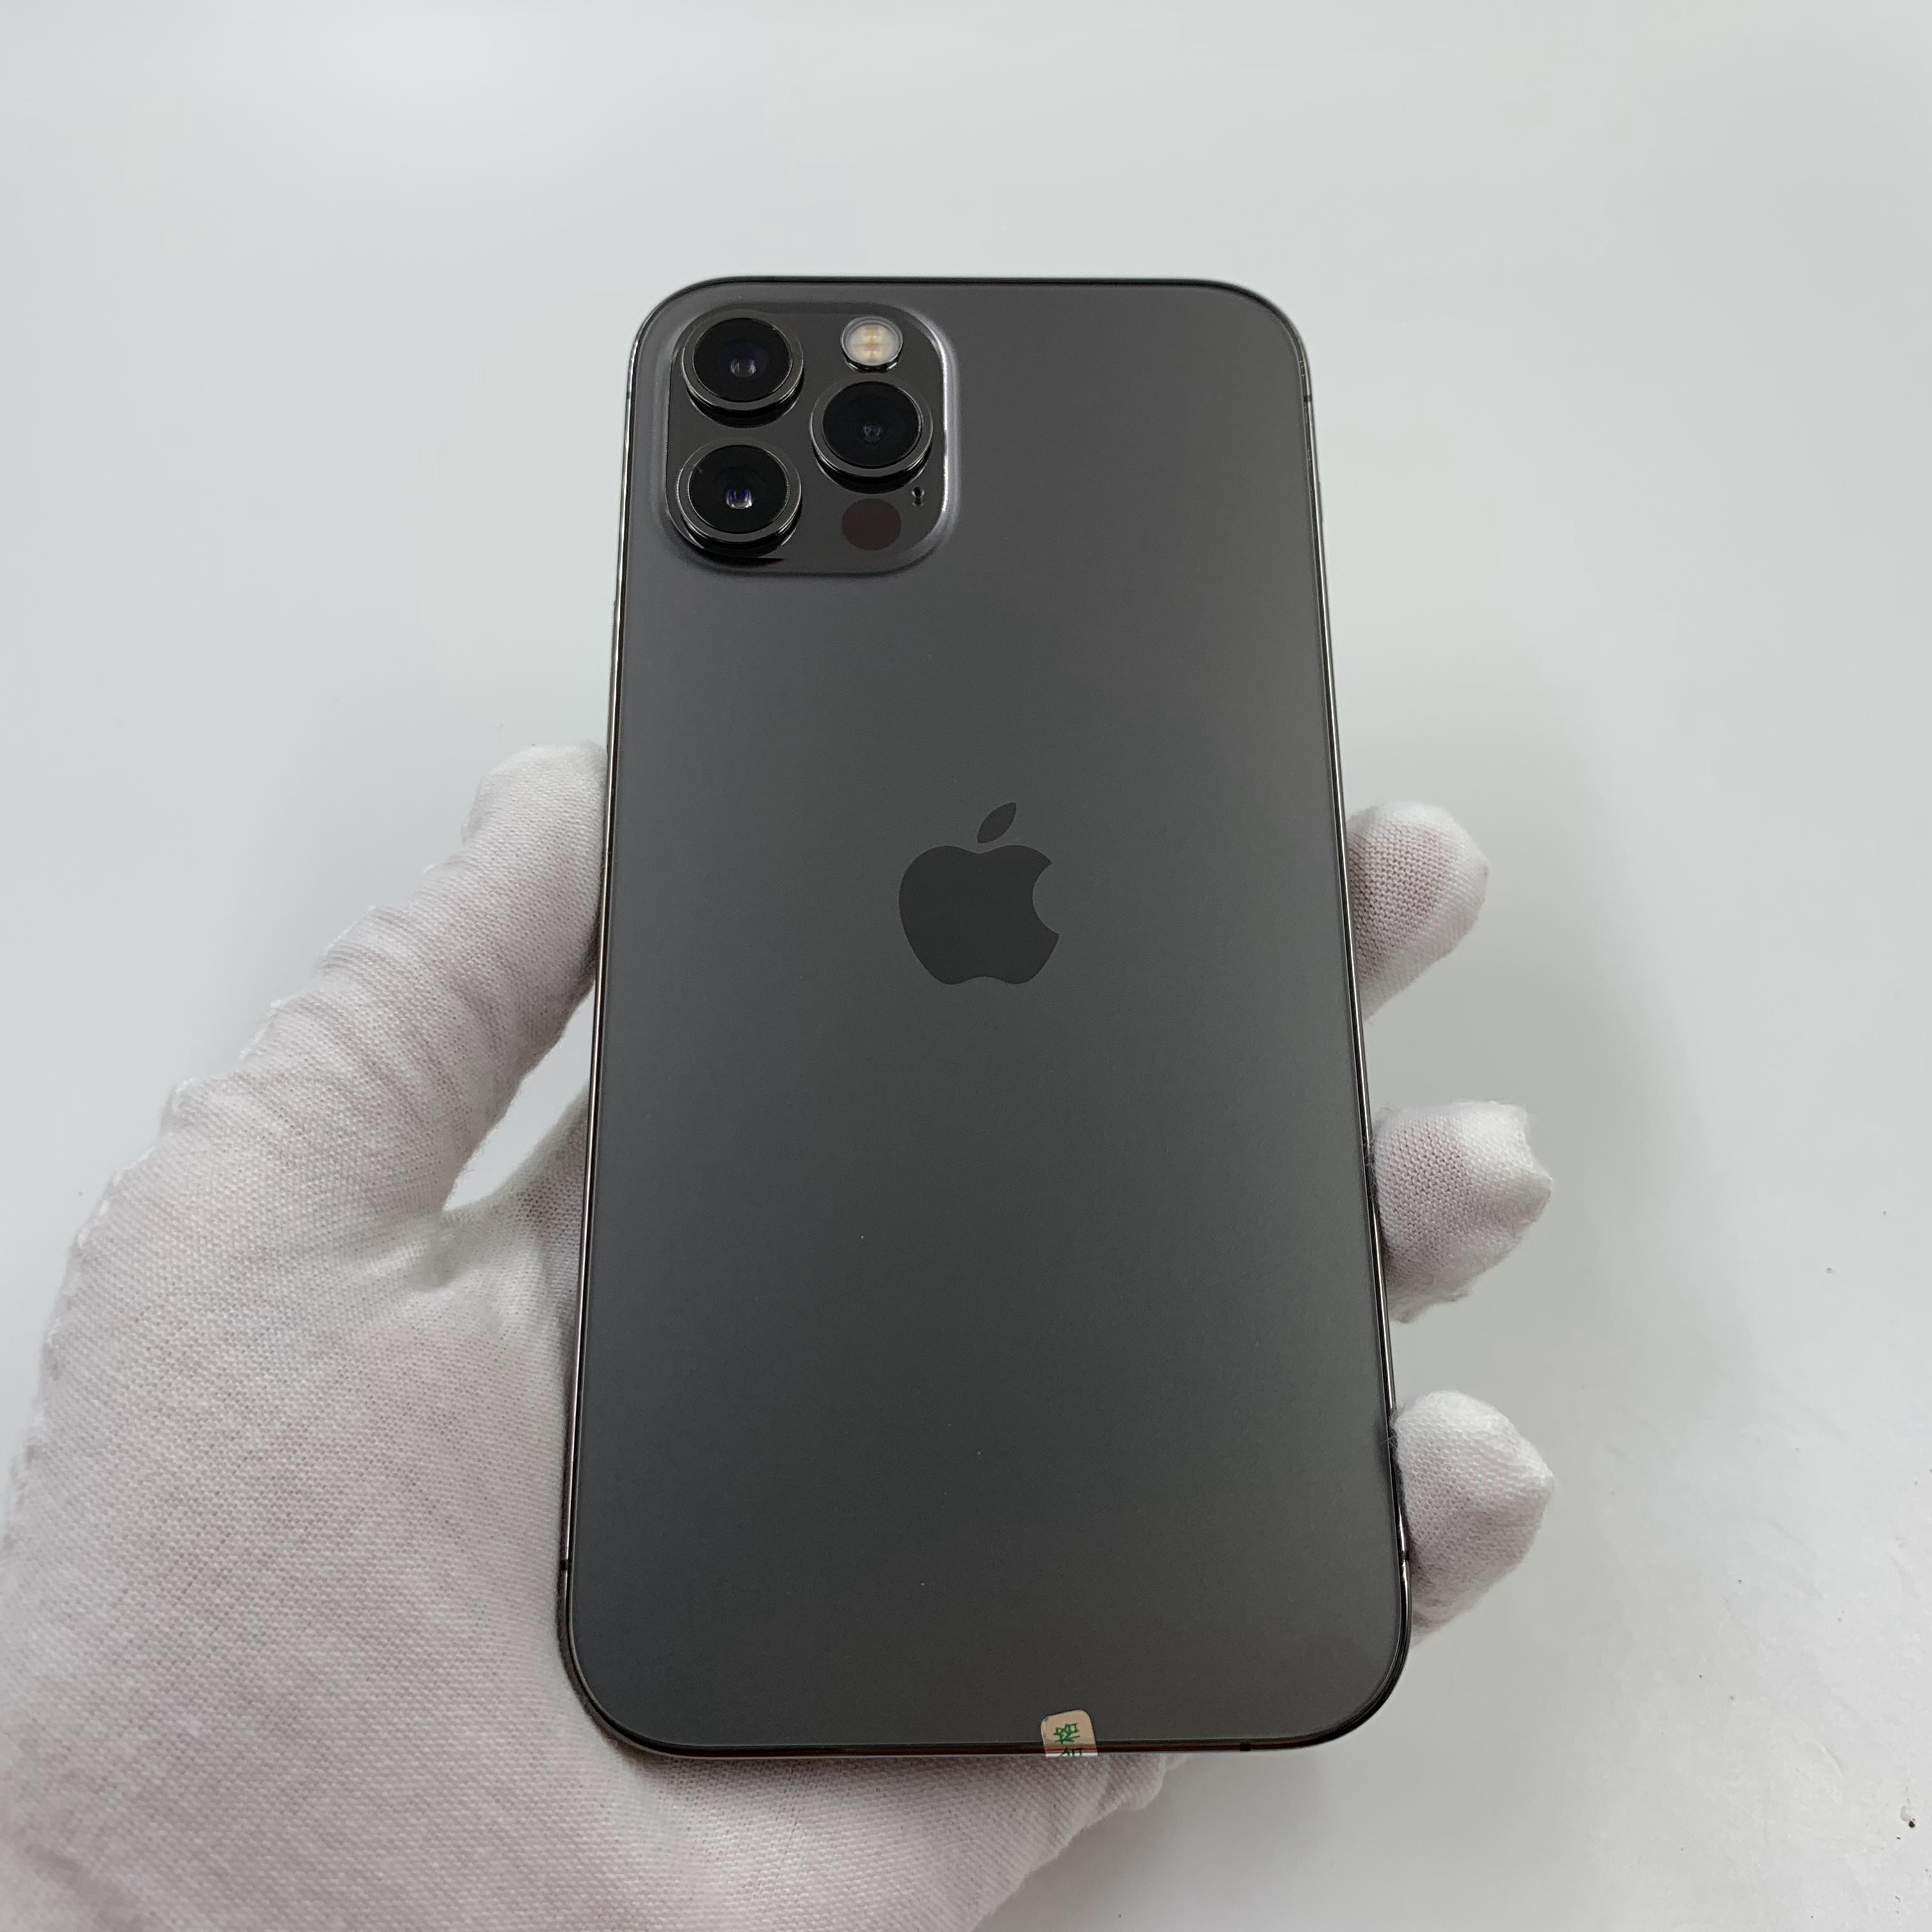 苹果【iPhone 12 Pro】5G全网通 石墨色 128G 国行 95新 真机实拍官保2022-01-09